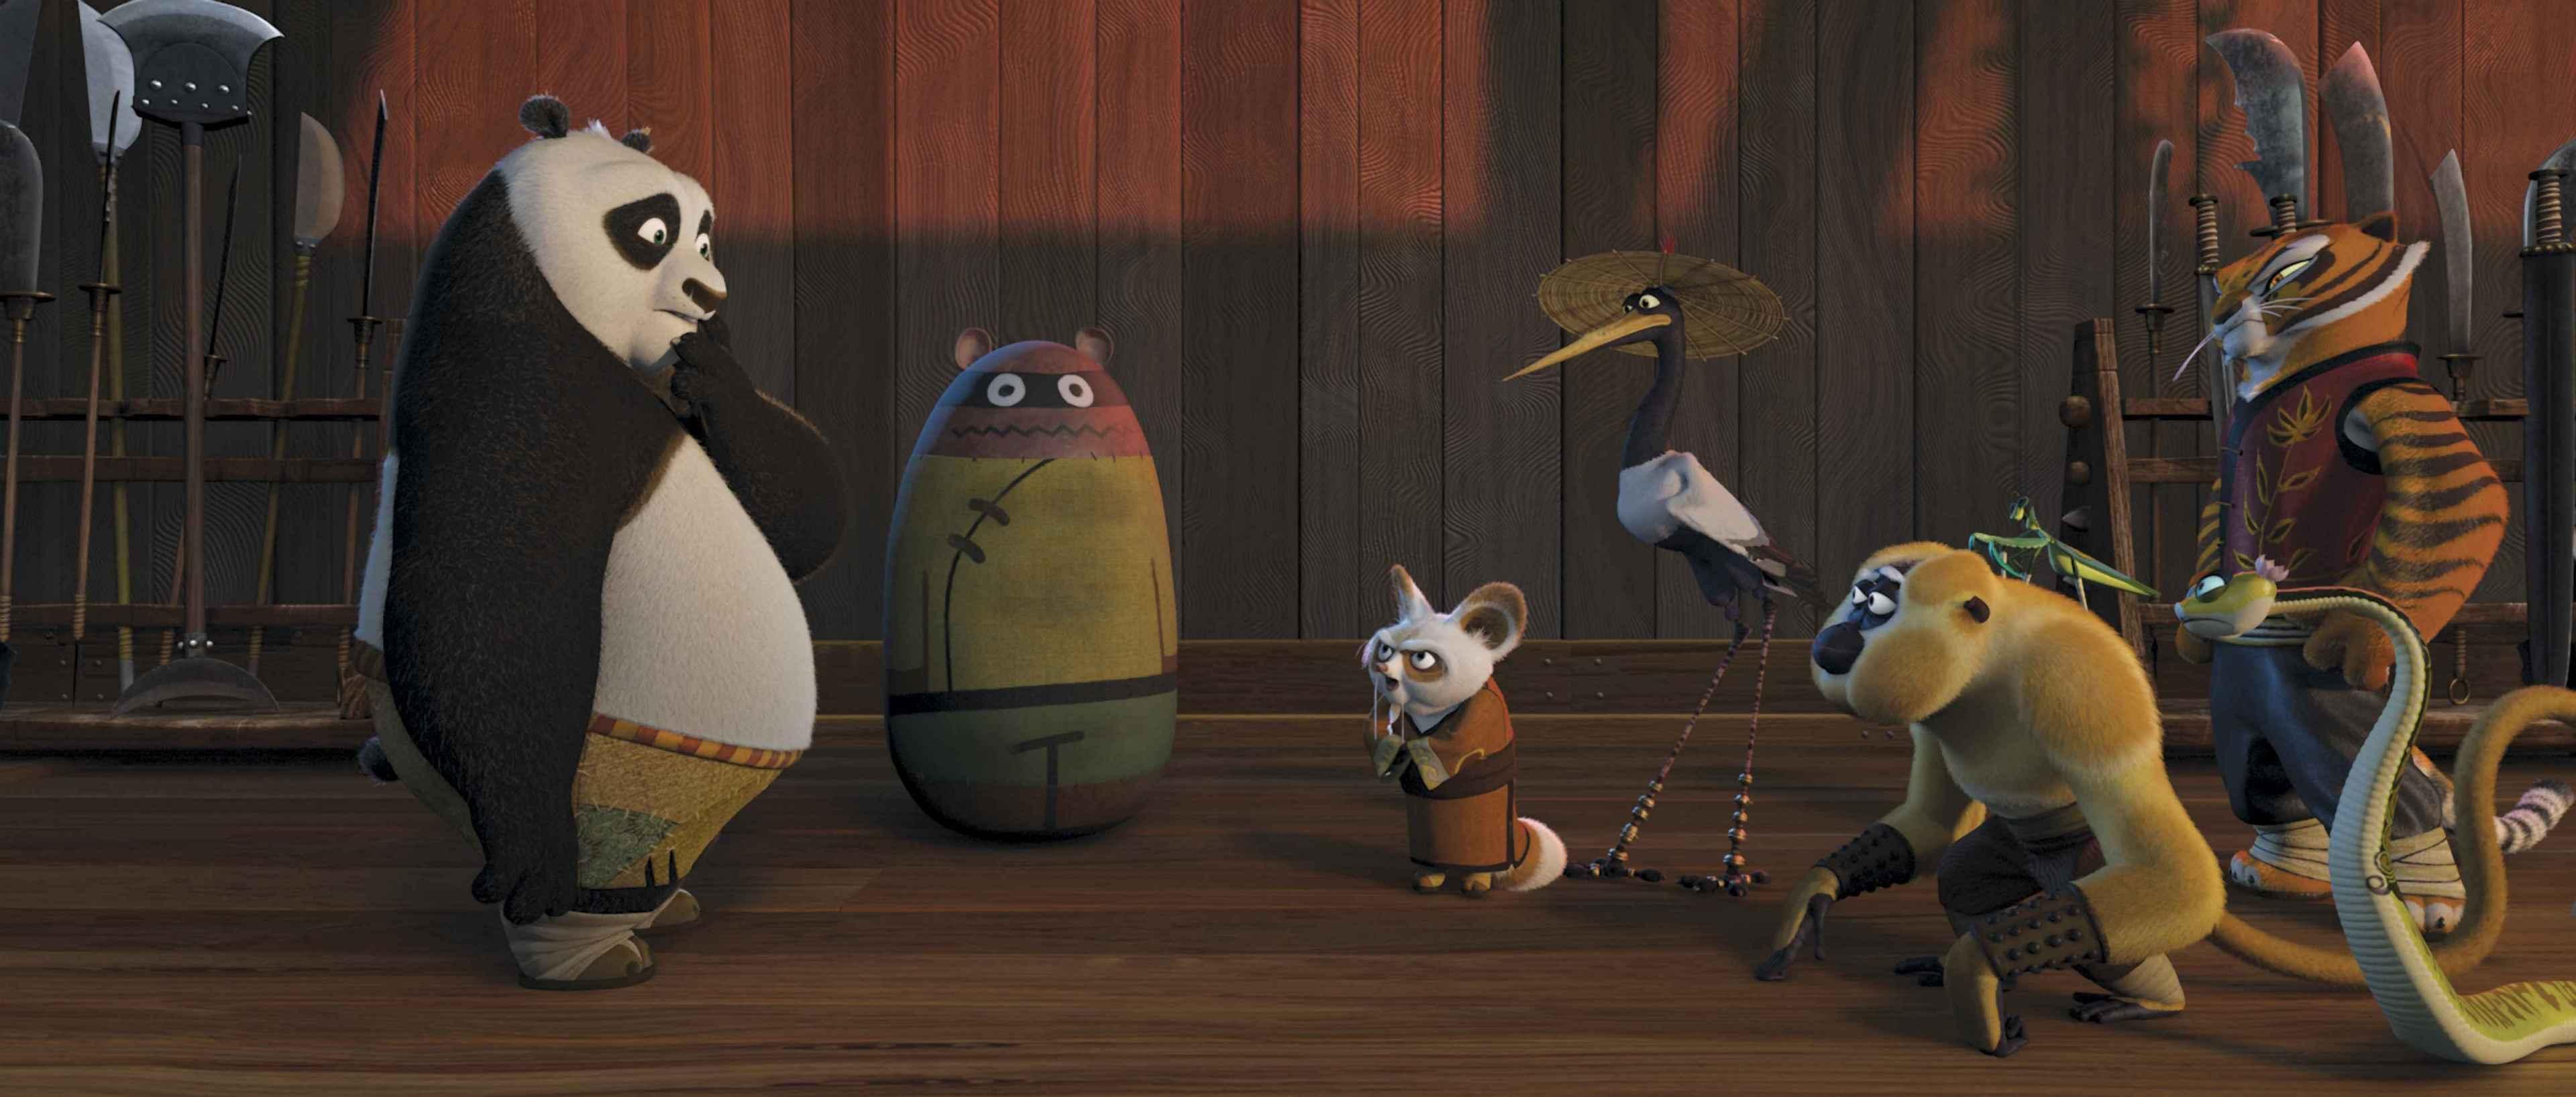 groucho reviews: kung fu panda